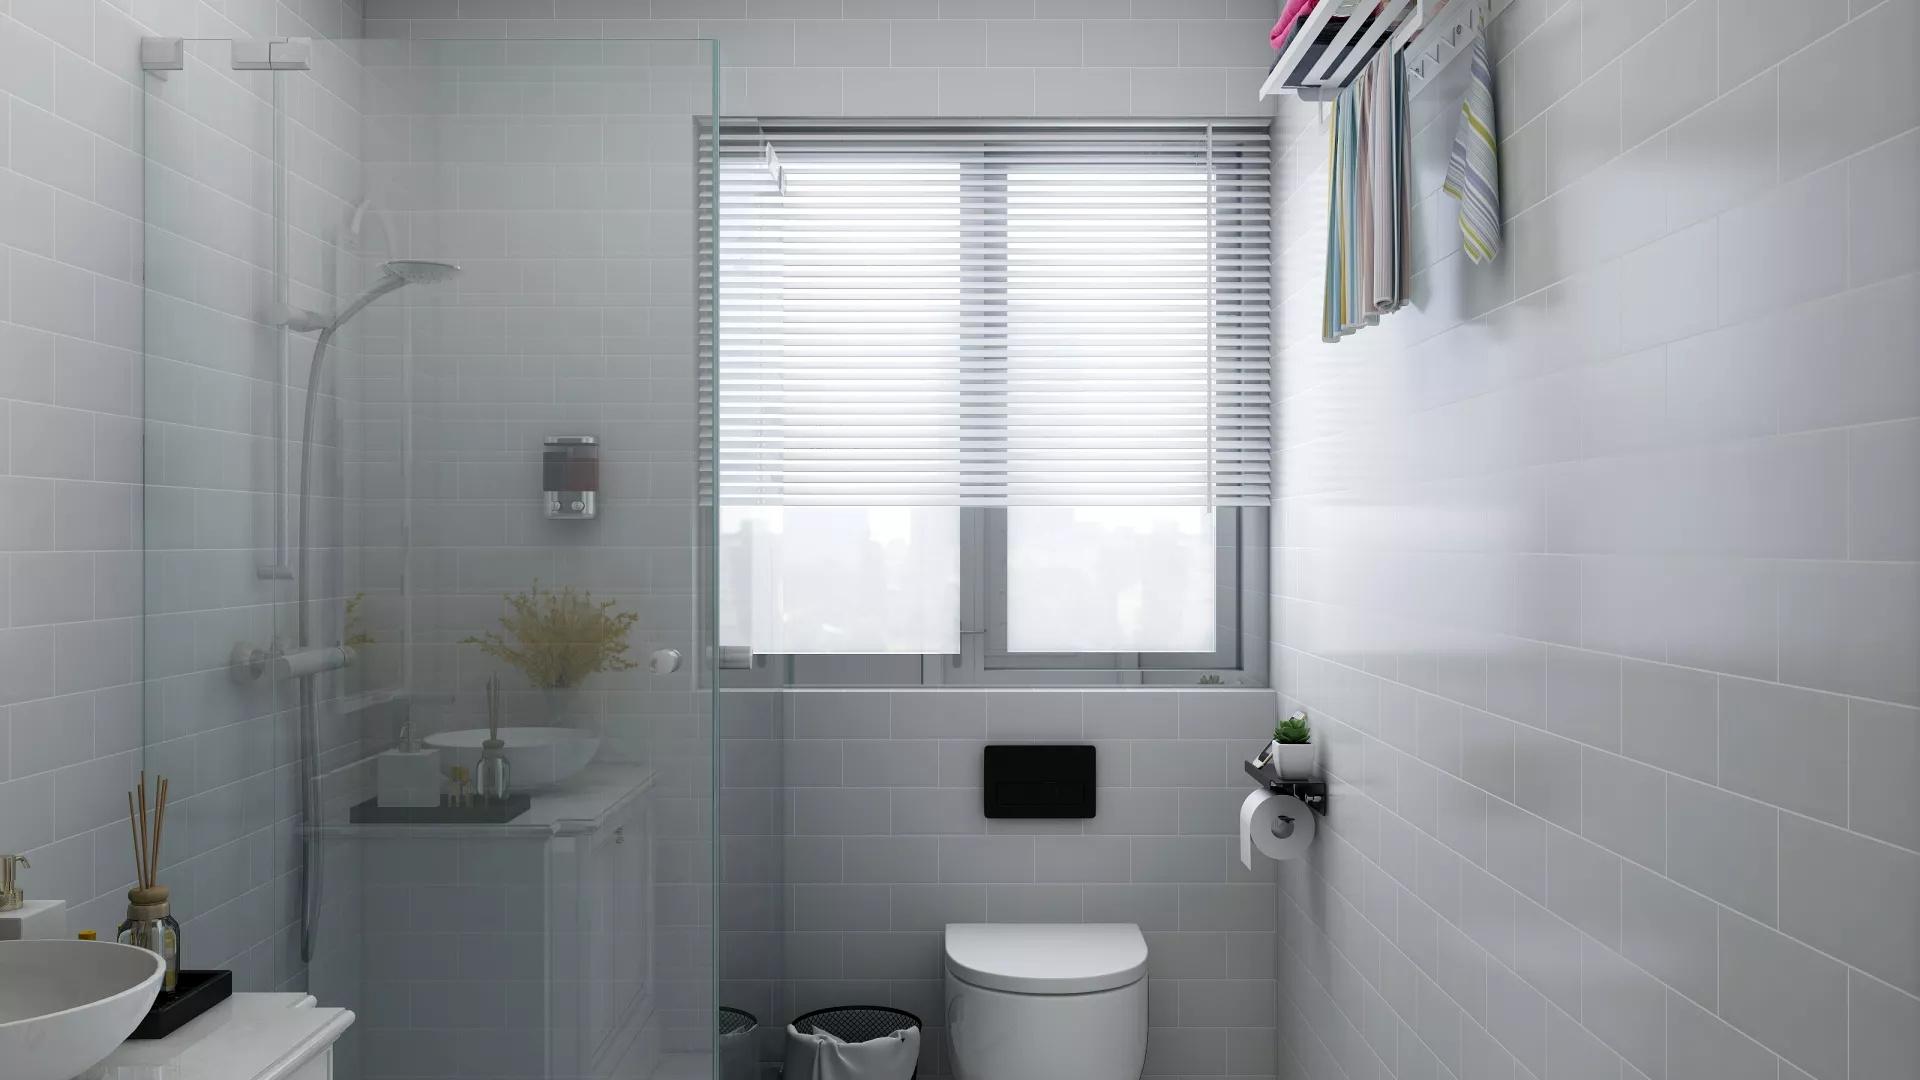 家用空调品牌哪个好 家用空调品牌排名前五